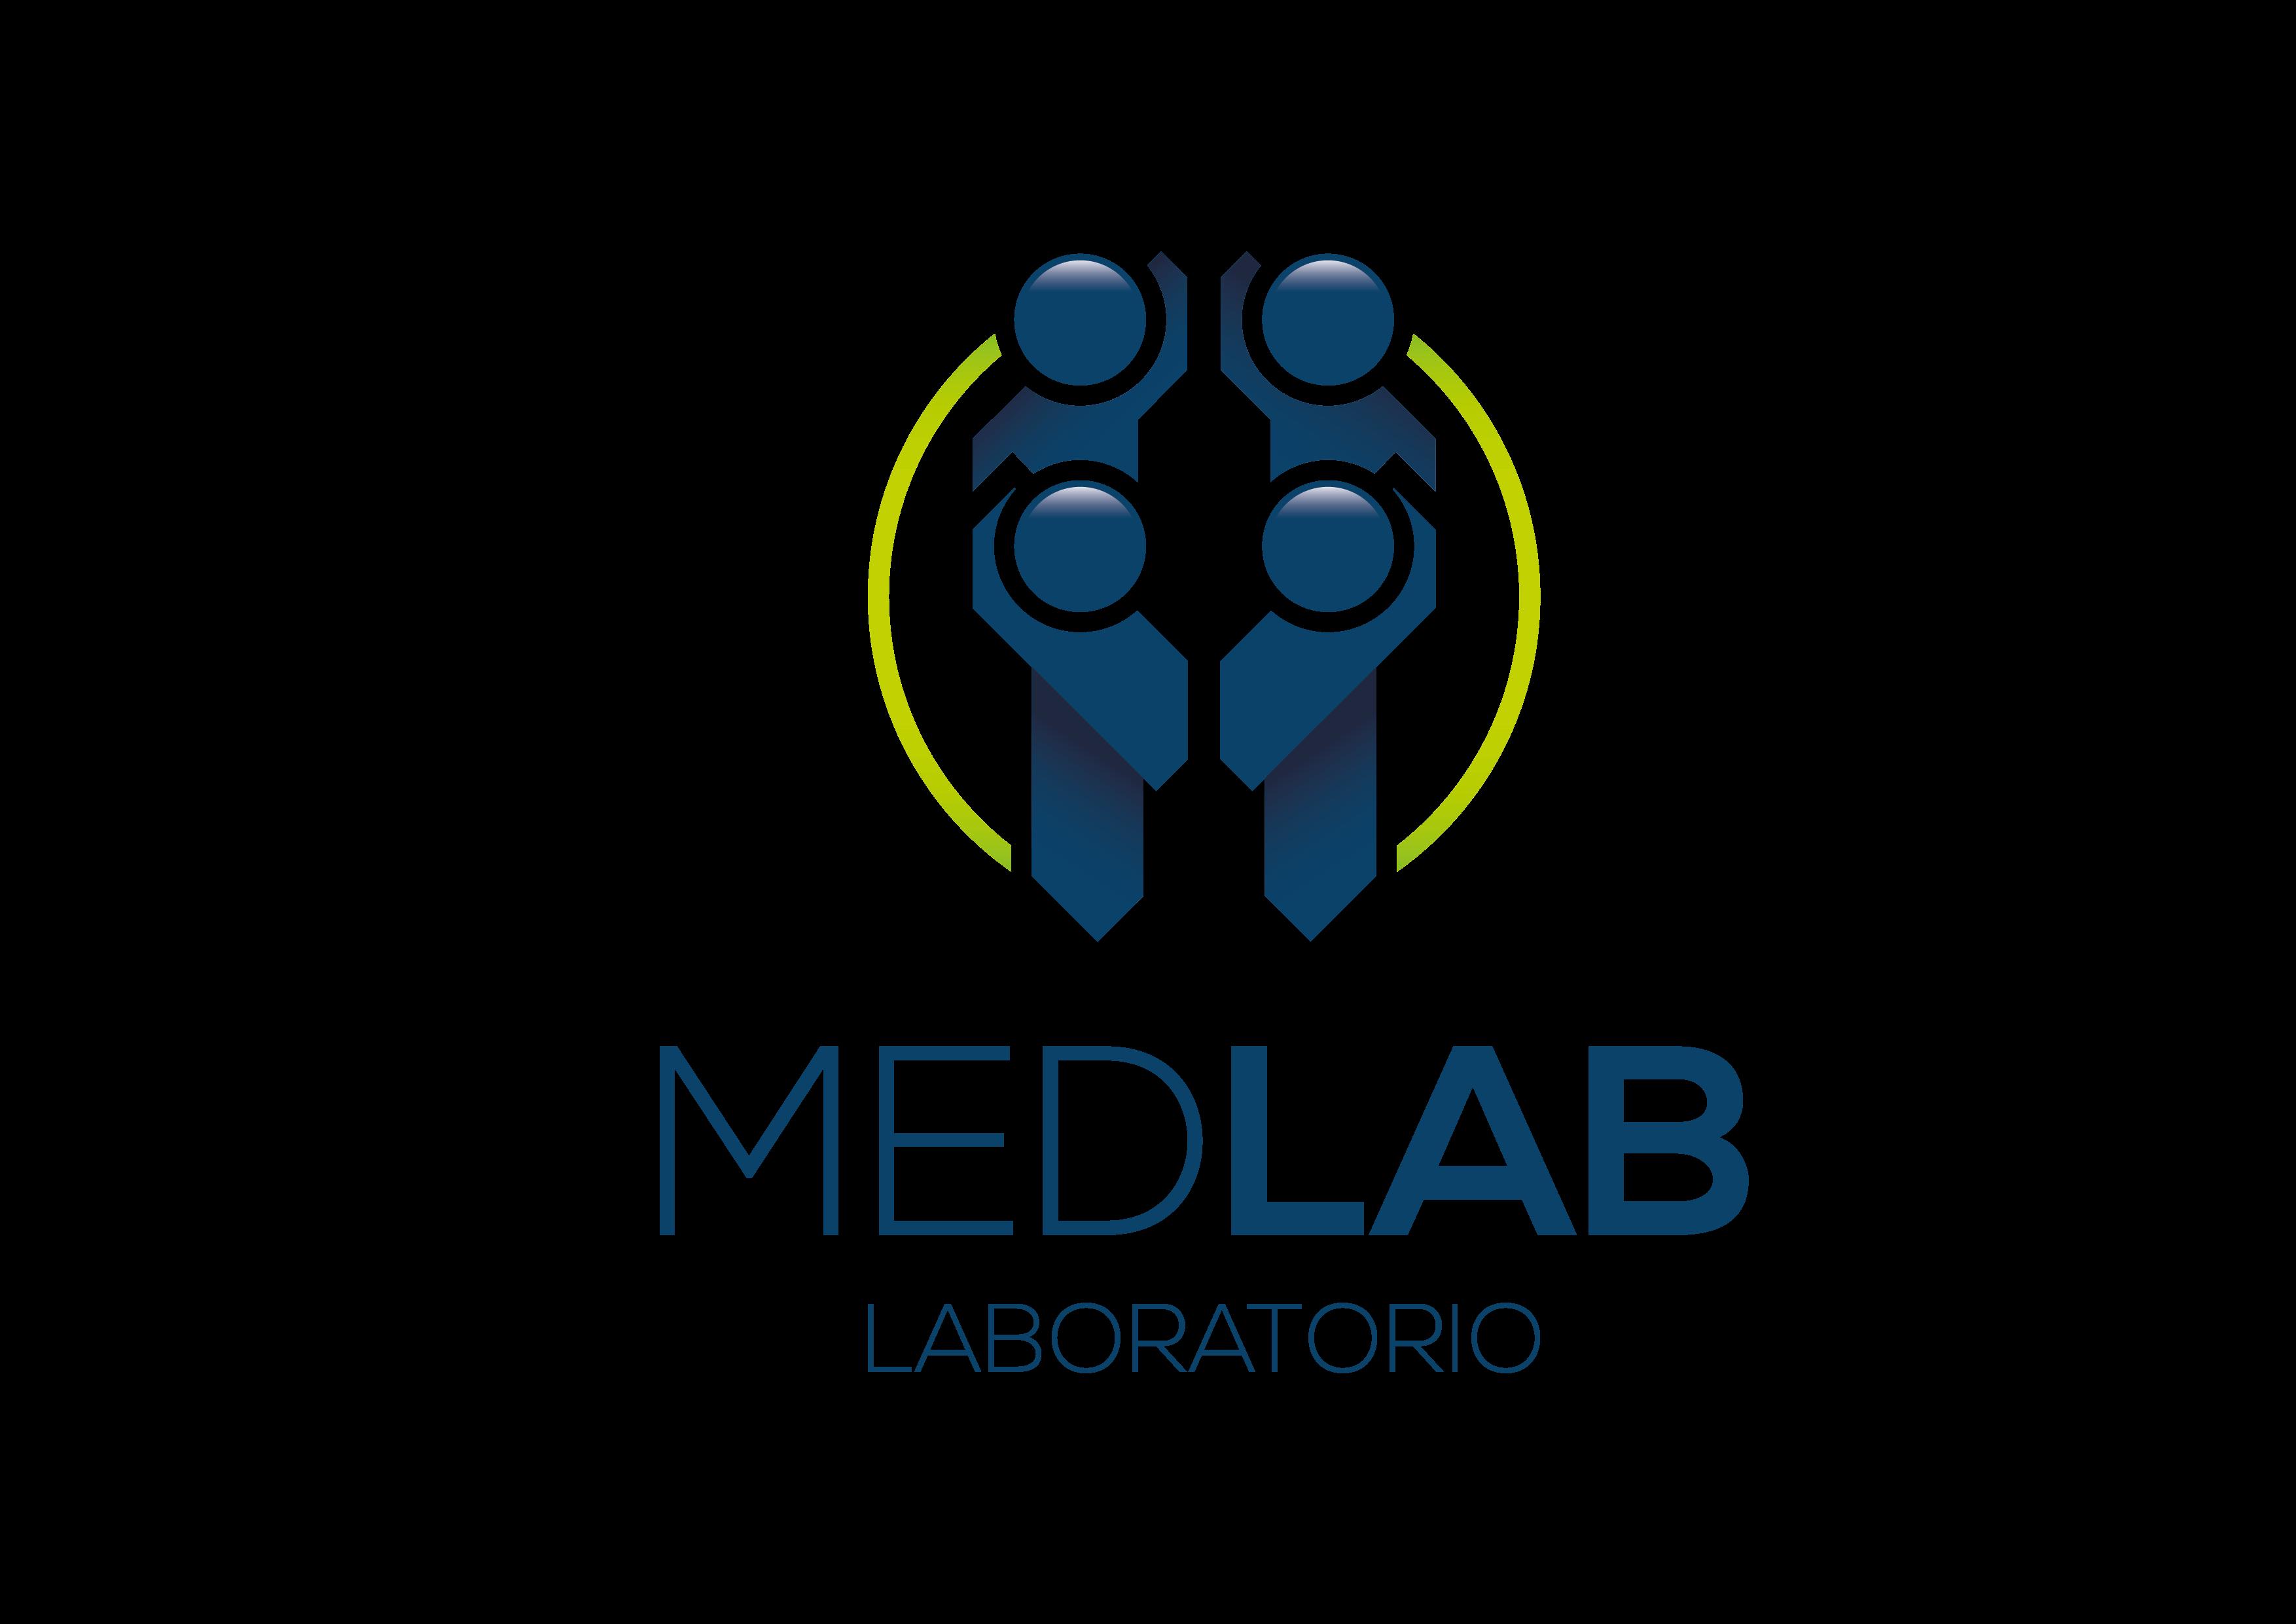 FFF_MedLAB_LOout-01